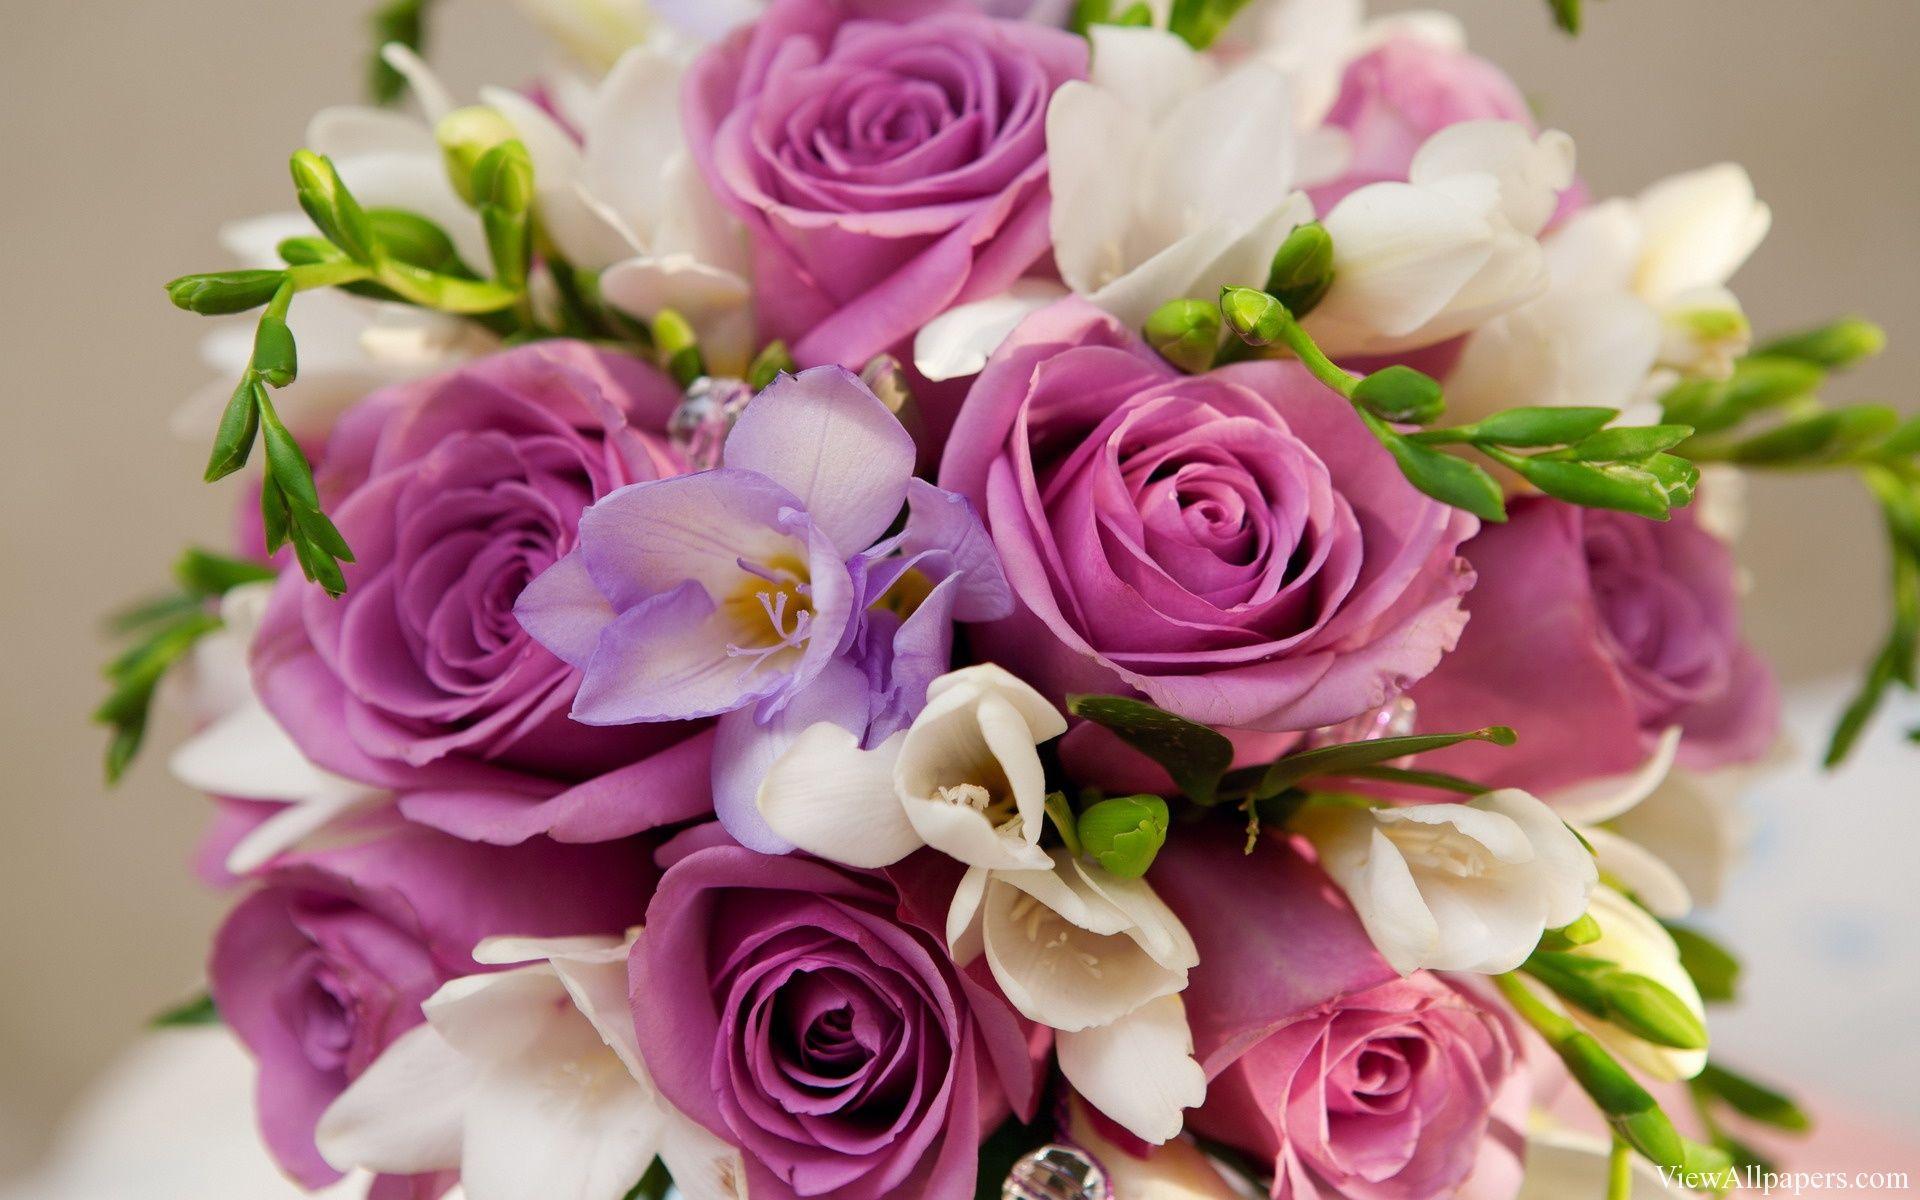 Roses Bouquet Viewallpapers Pinterest